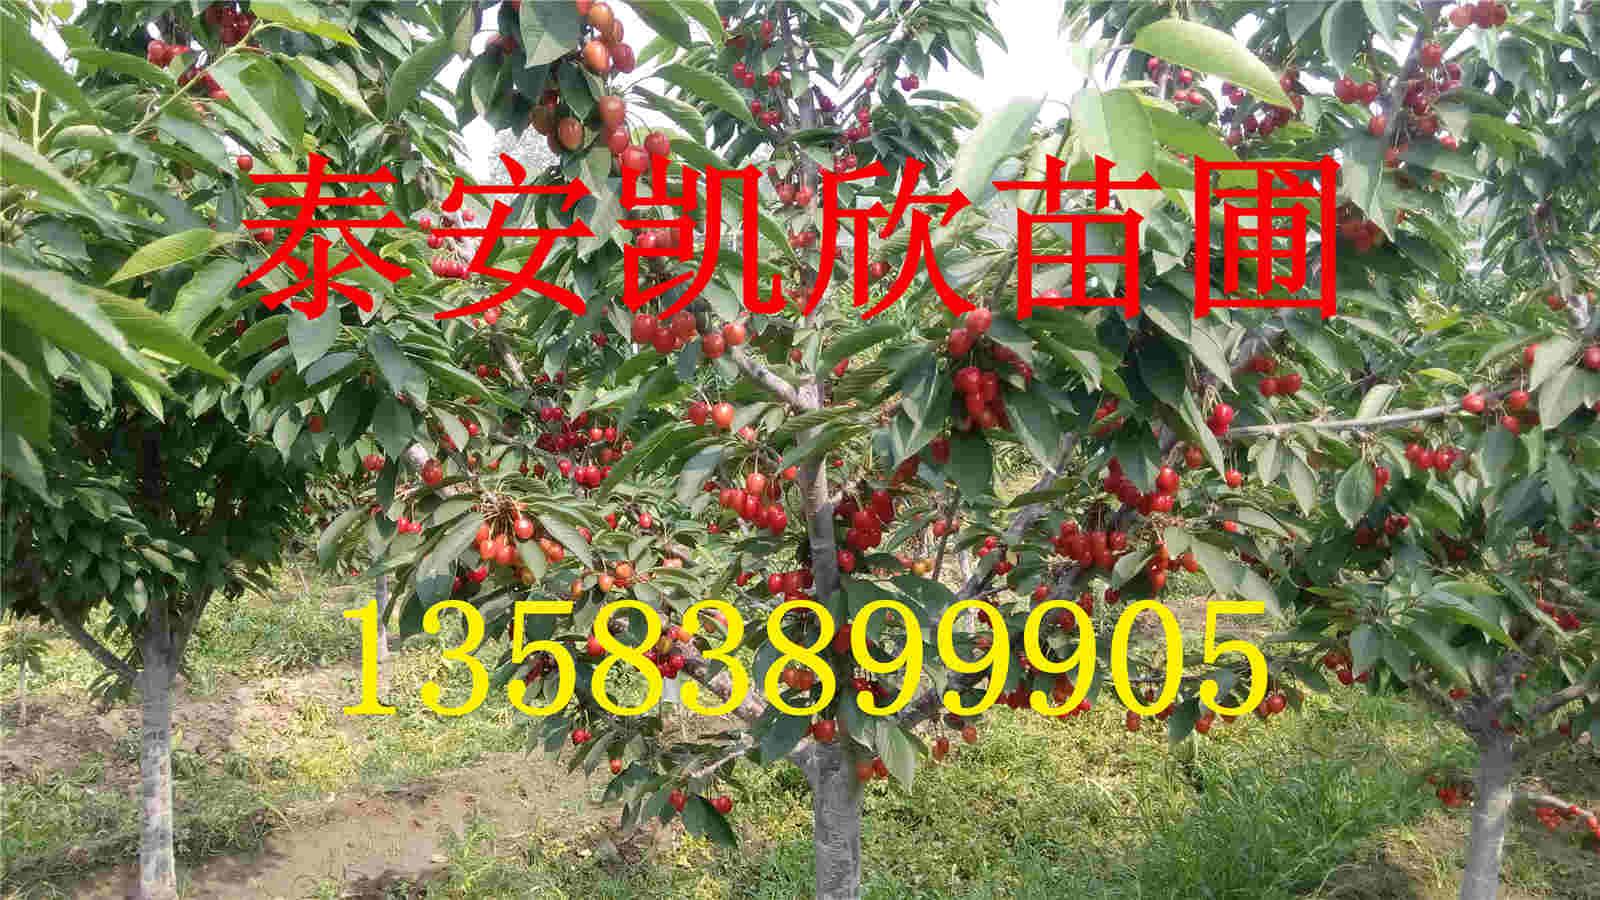 樱桃苗基地 樱桃树苗品种纯正